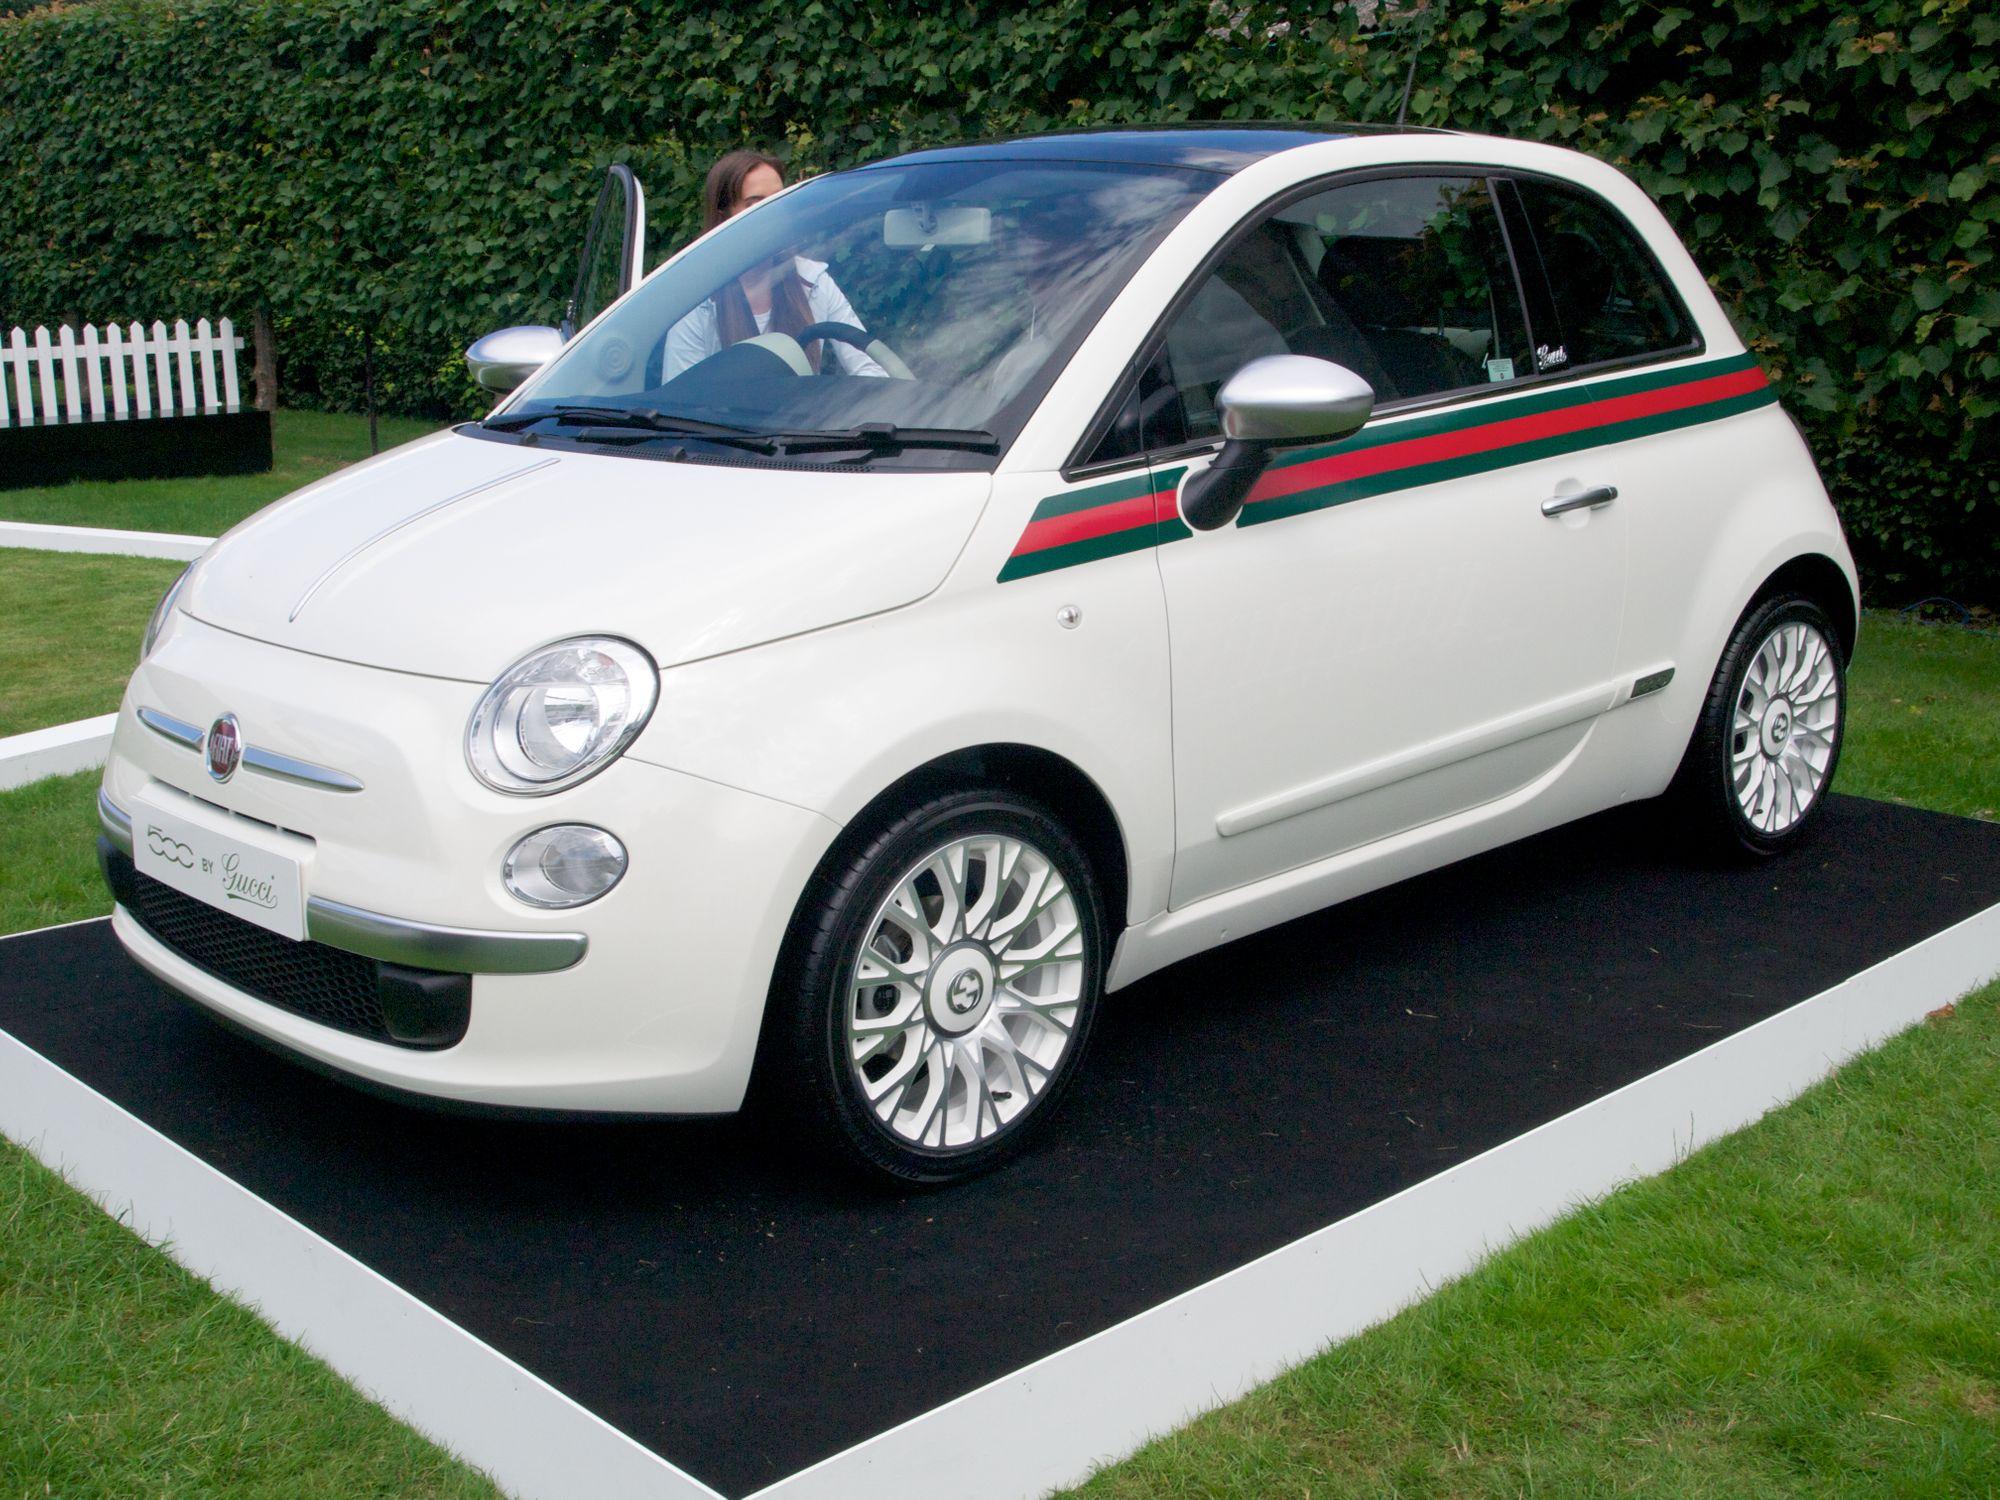 Το Fiat 500 Gucci παρκαρισμένο στο γκαζόν